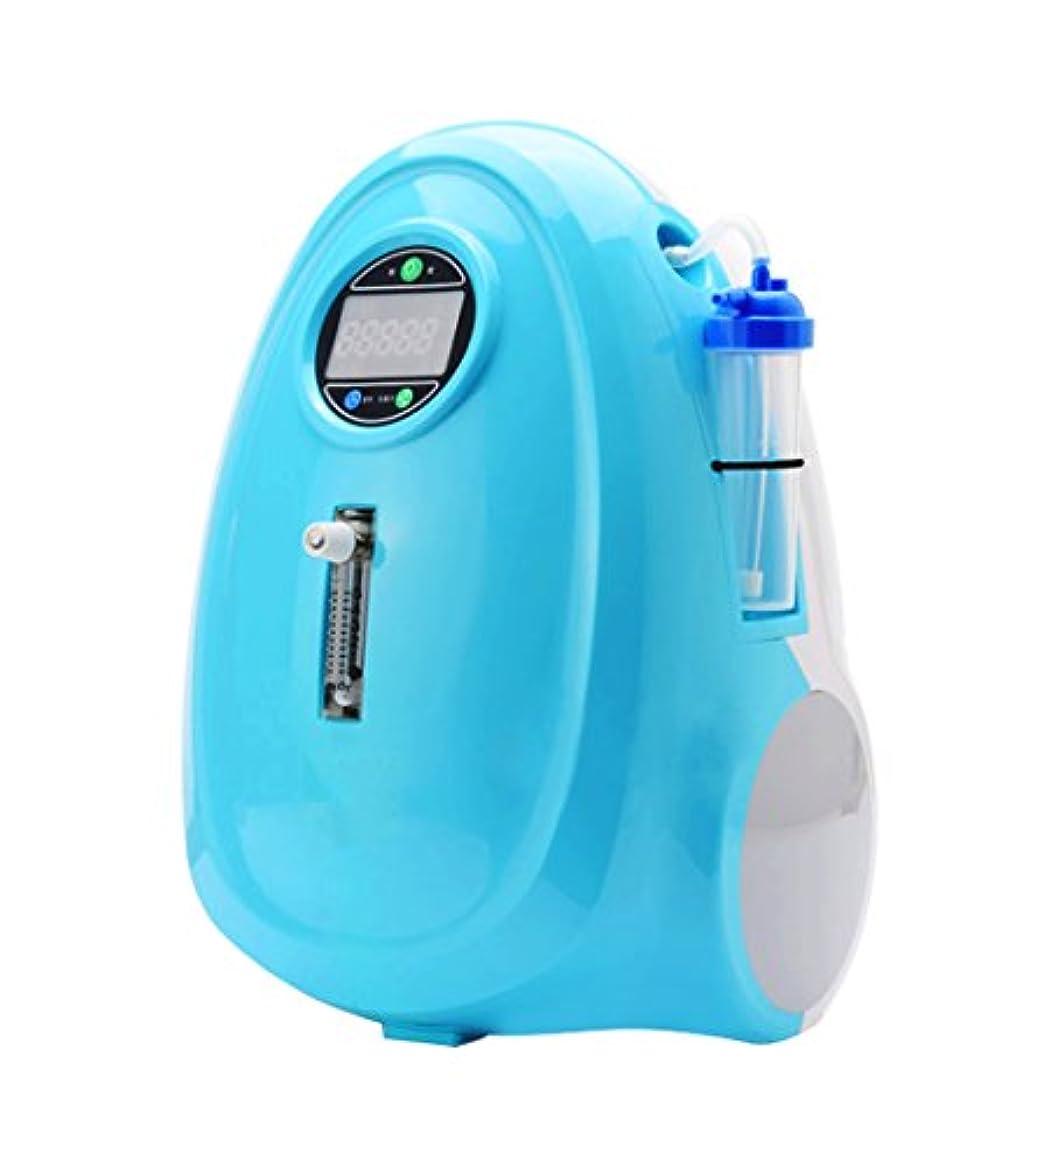 特別に努力する類似性DS-酸素発生器 酸素濃縮器 - ポータブル酸素濃縮器空気清浄機連続酸素、1-5L /分調節可能、家庭用/車用インバータ付き &&